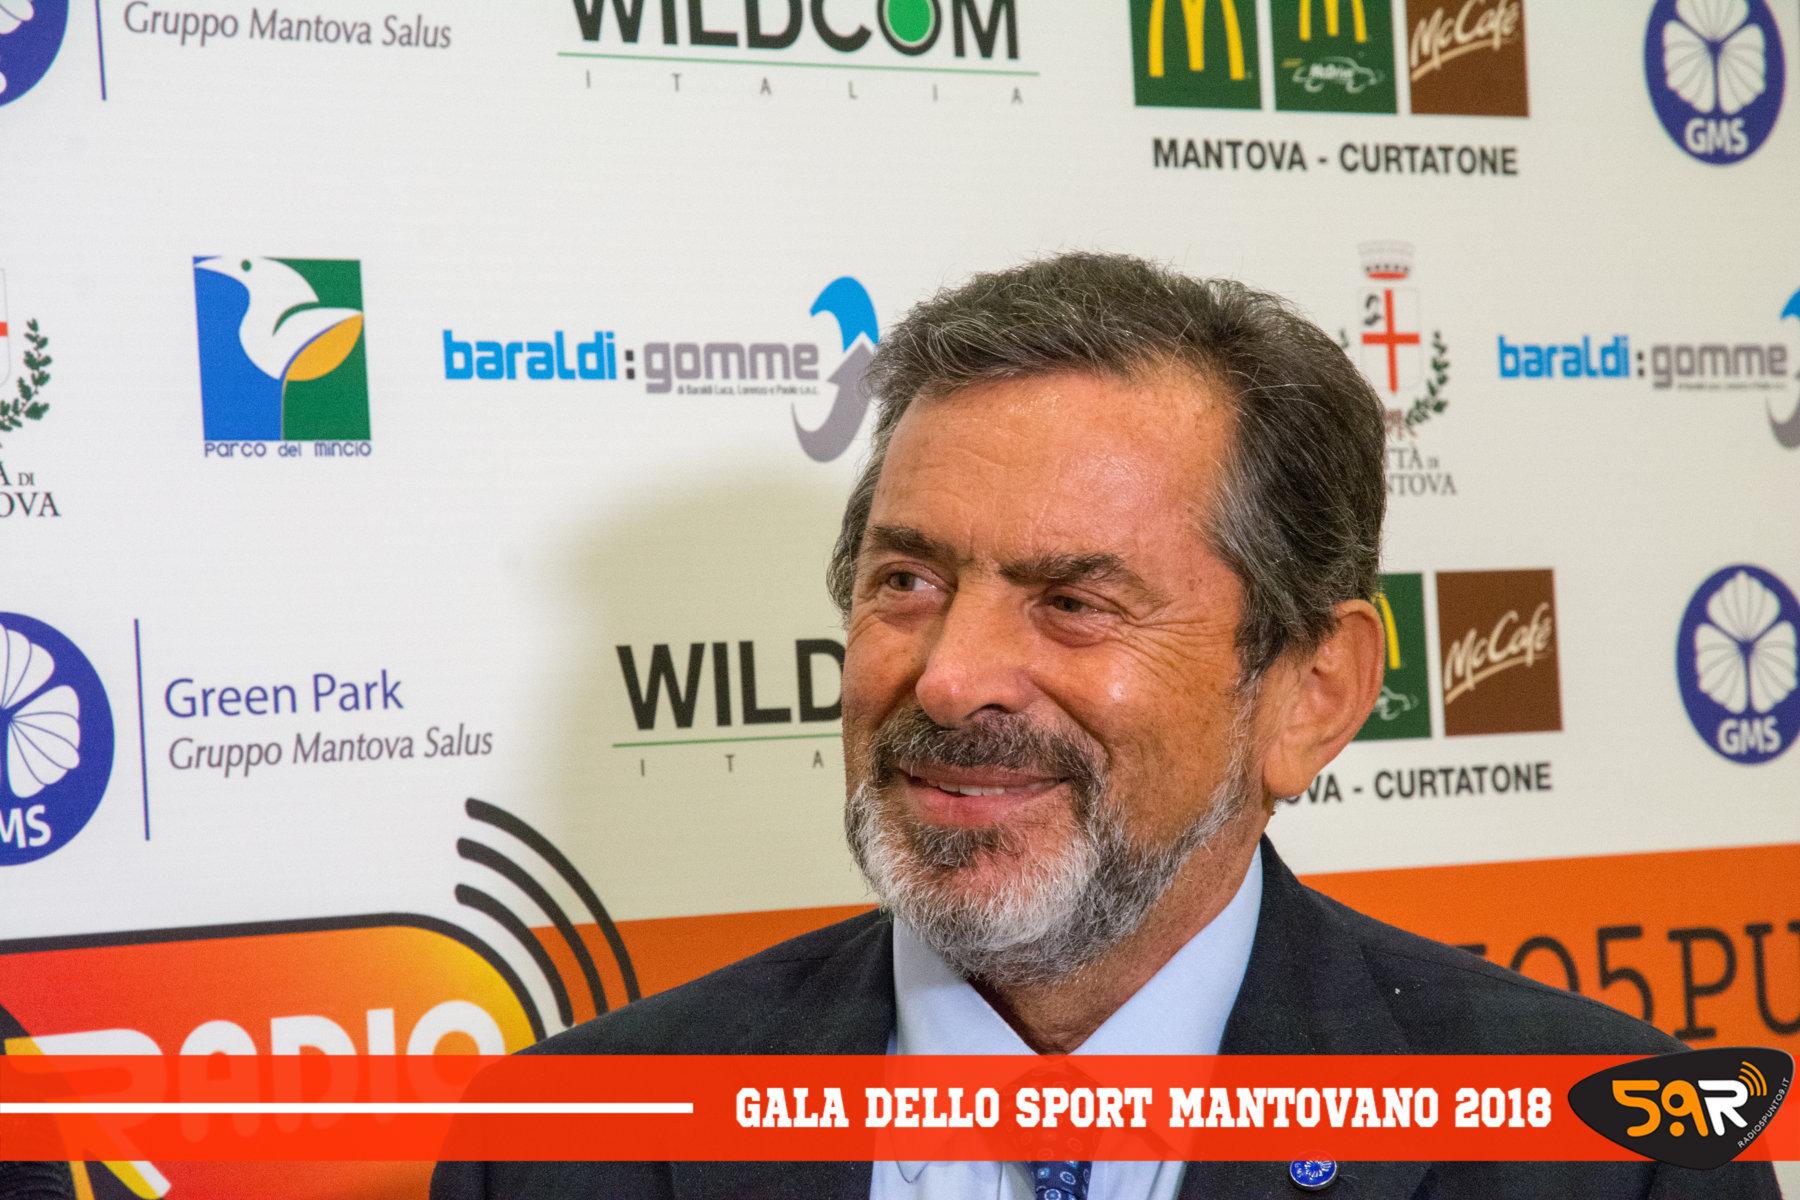 Gala dello Sport Mantovano 2018 Web Radio 5 (23)